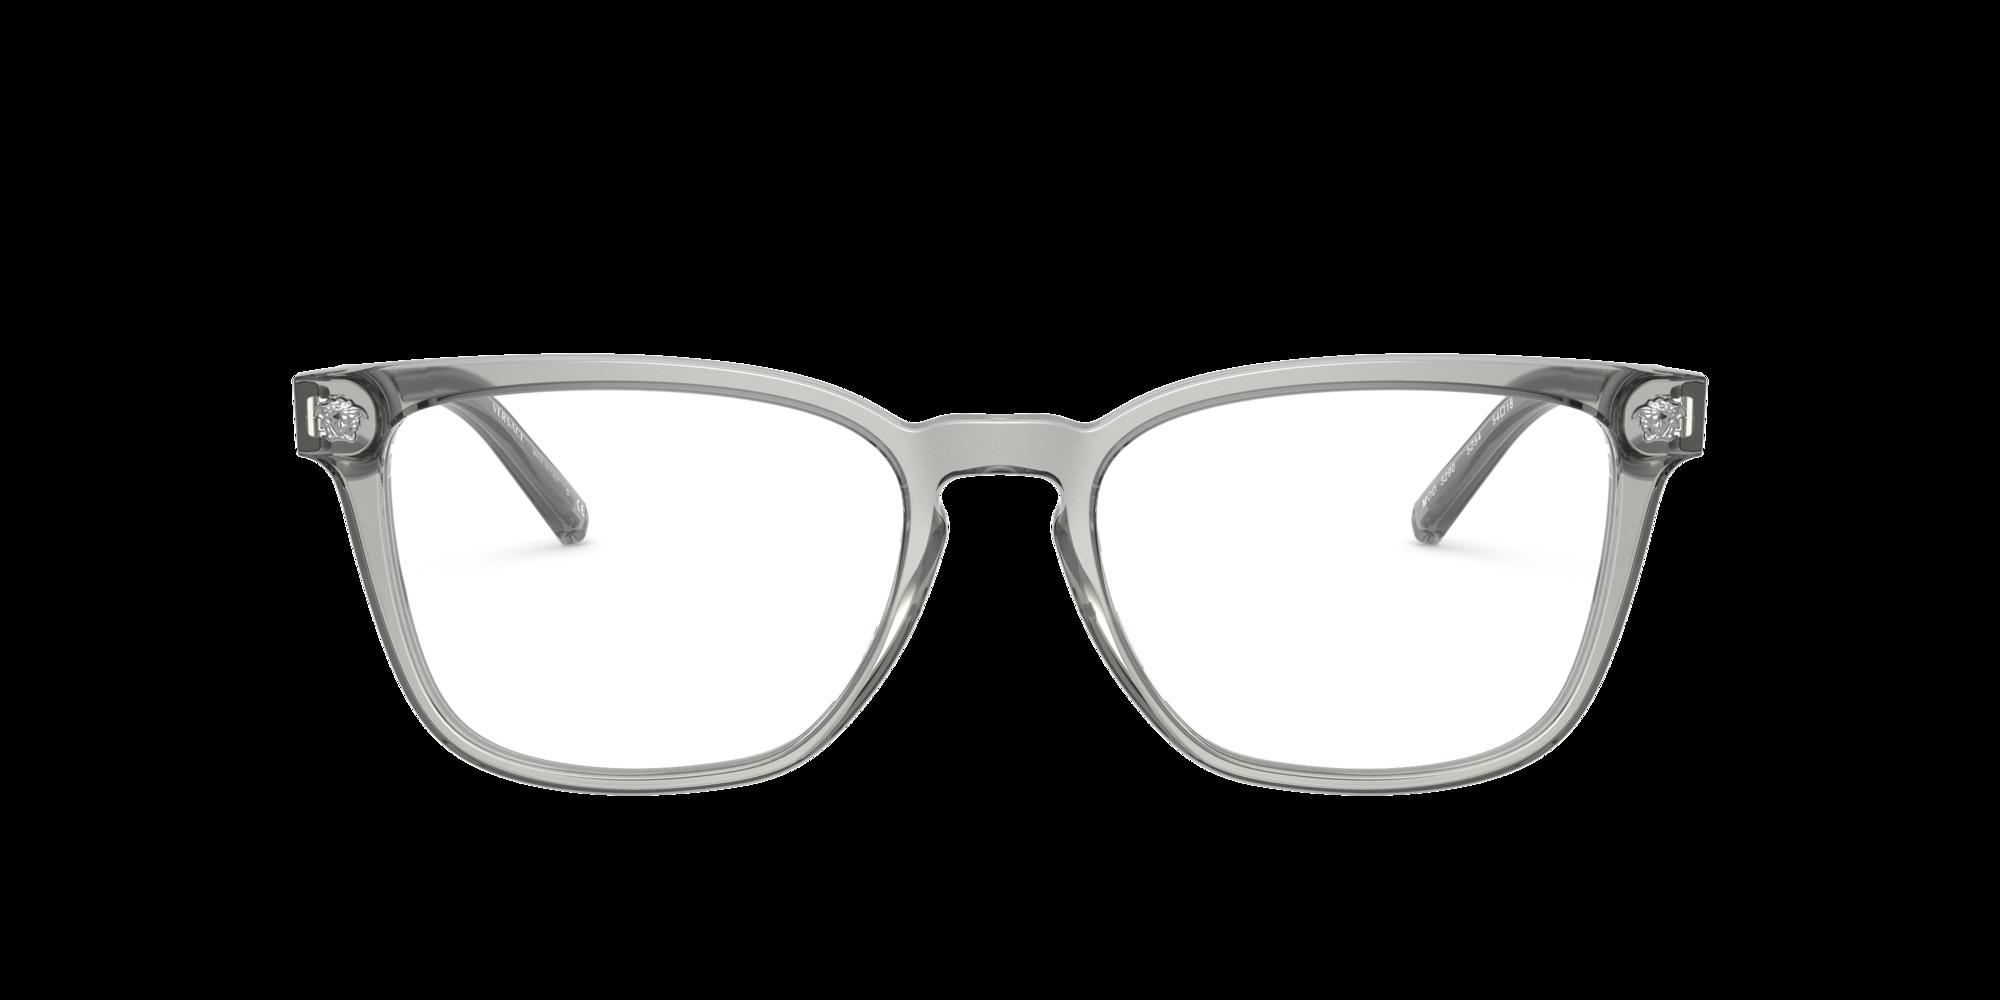 Imagen para VE3290 de LensCrafters |  Espejuelos, espejuelos graduados en línea, gafas